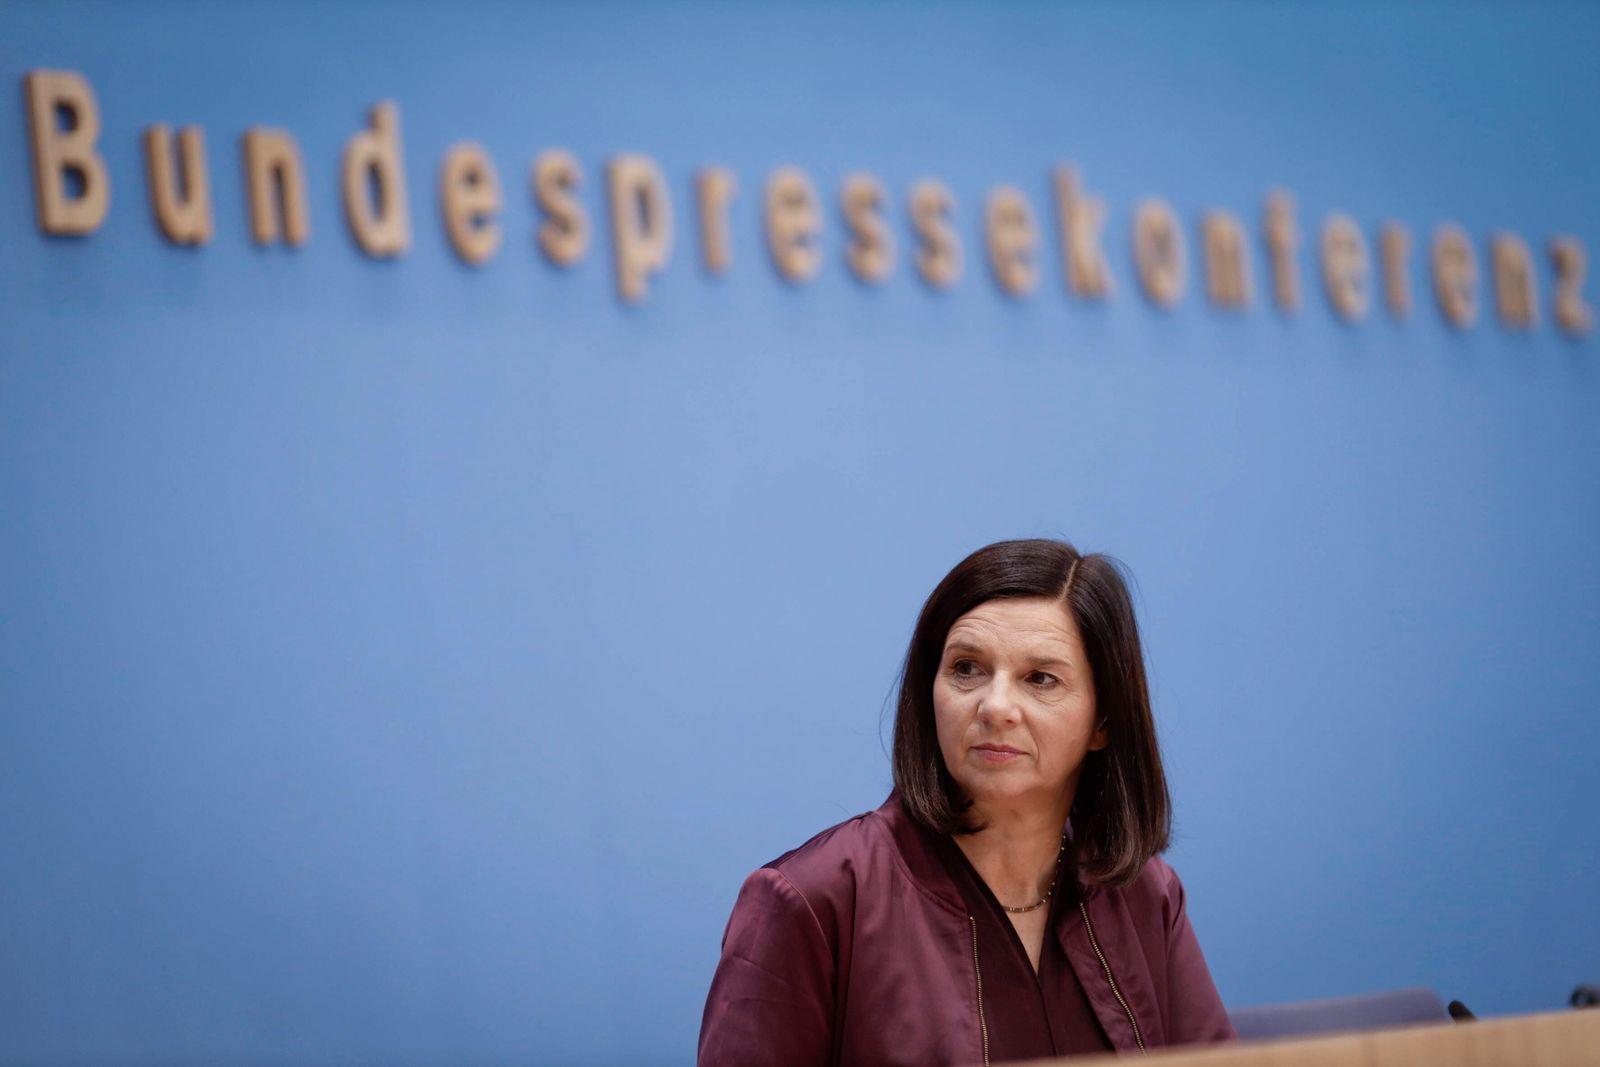 11.11.2020, Berlin, Deutschland - Pressekonferenz: Gemeinsame Forderungen an die Bundesregierung zur Rettung der Innens